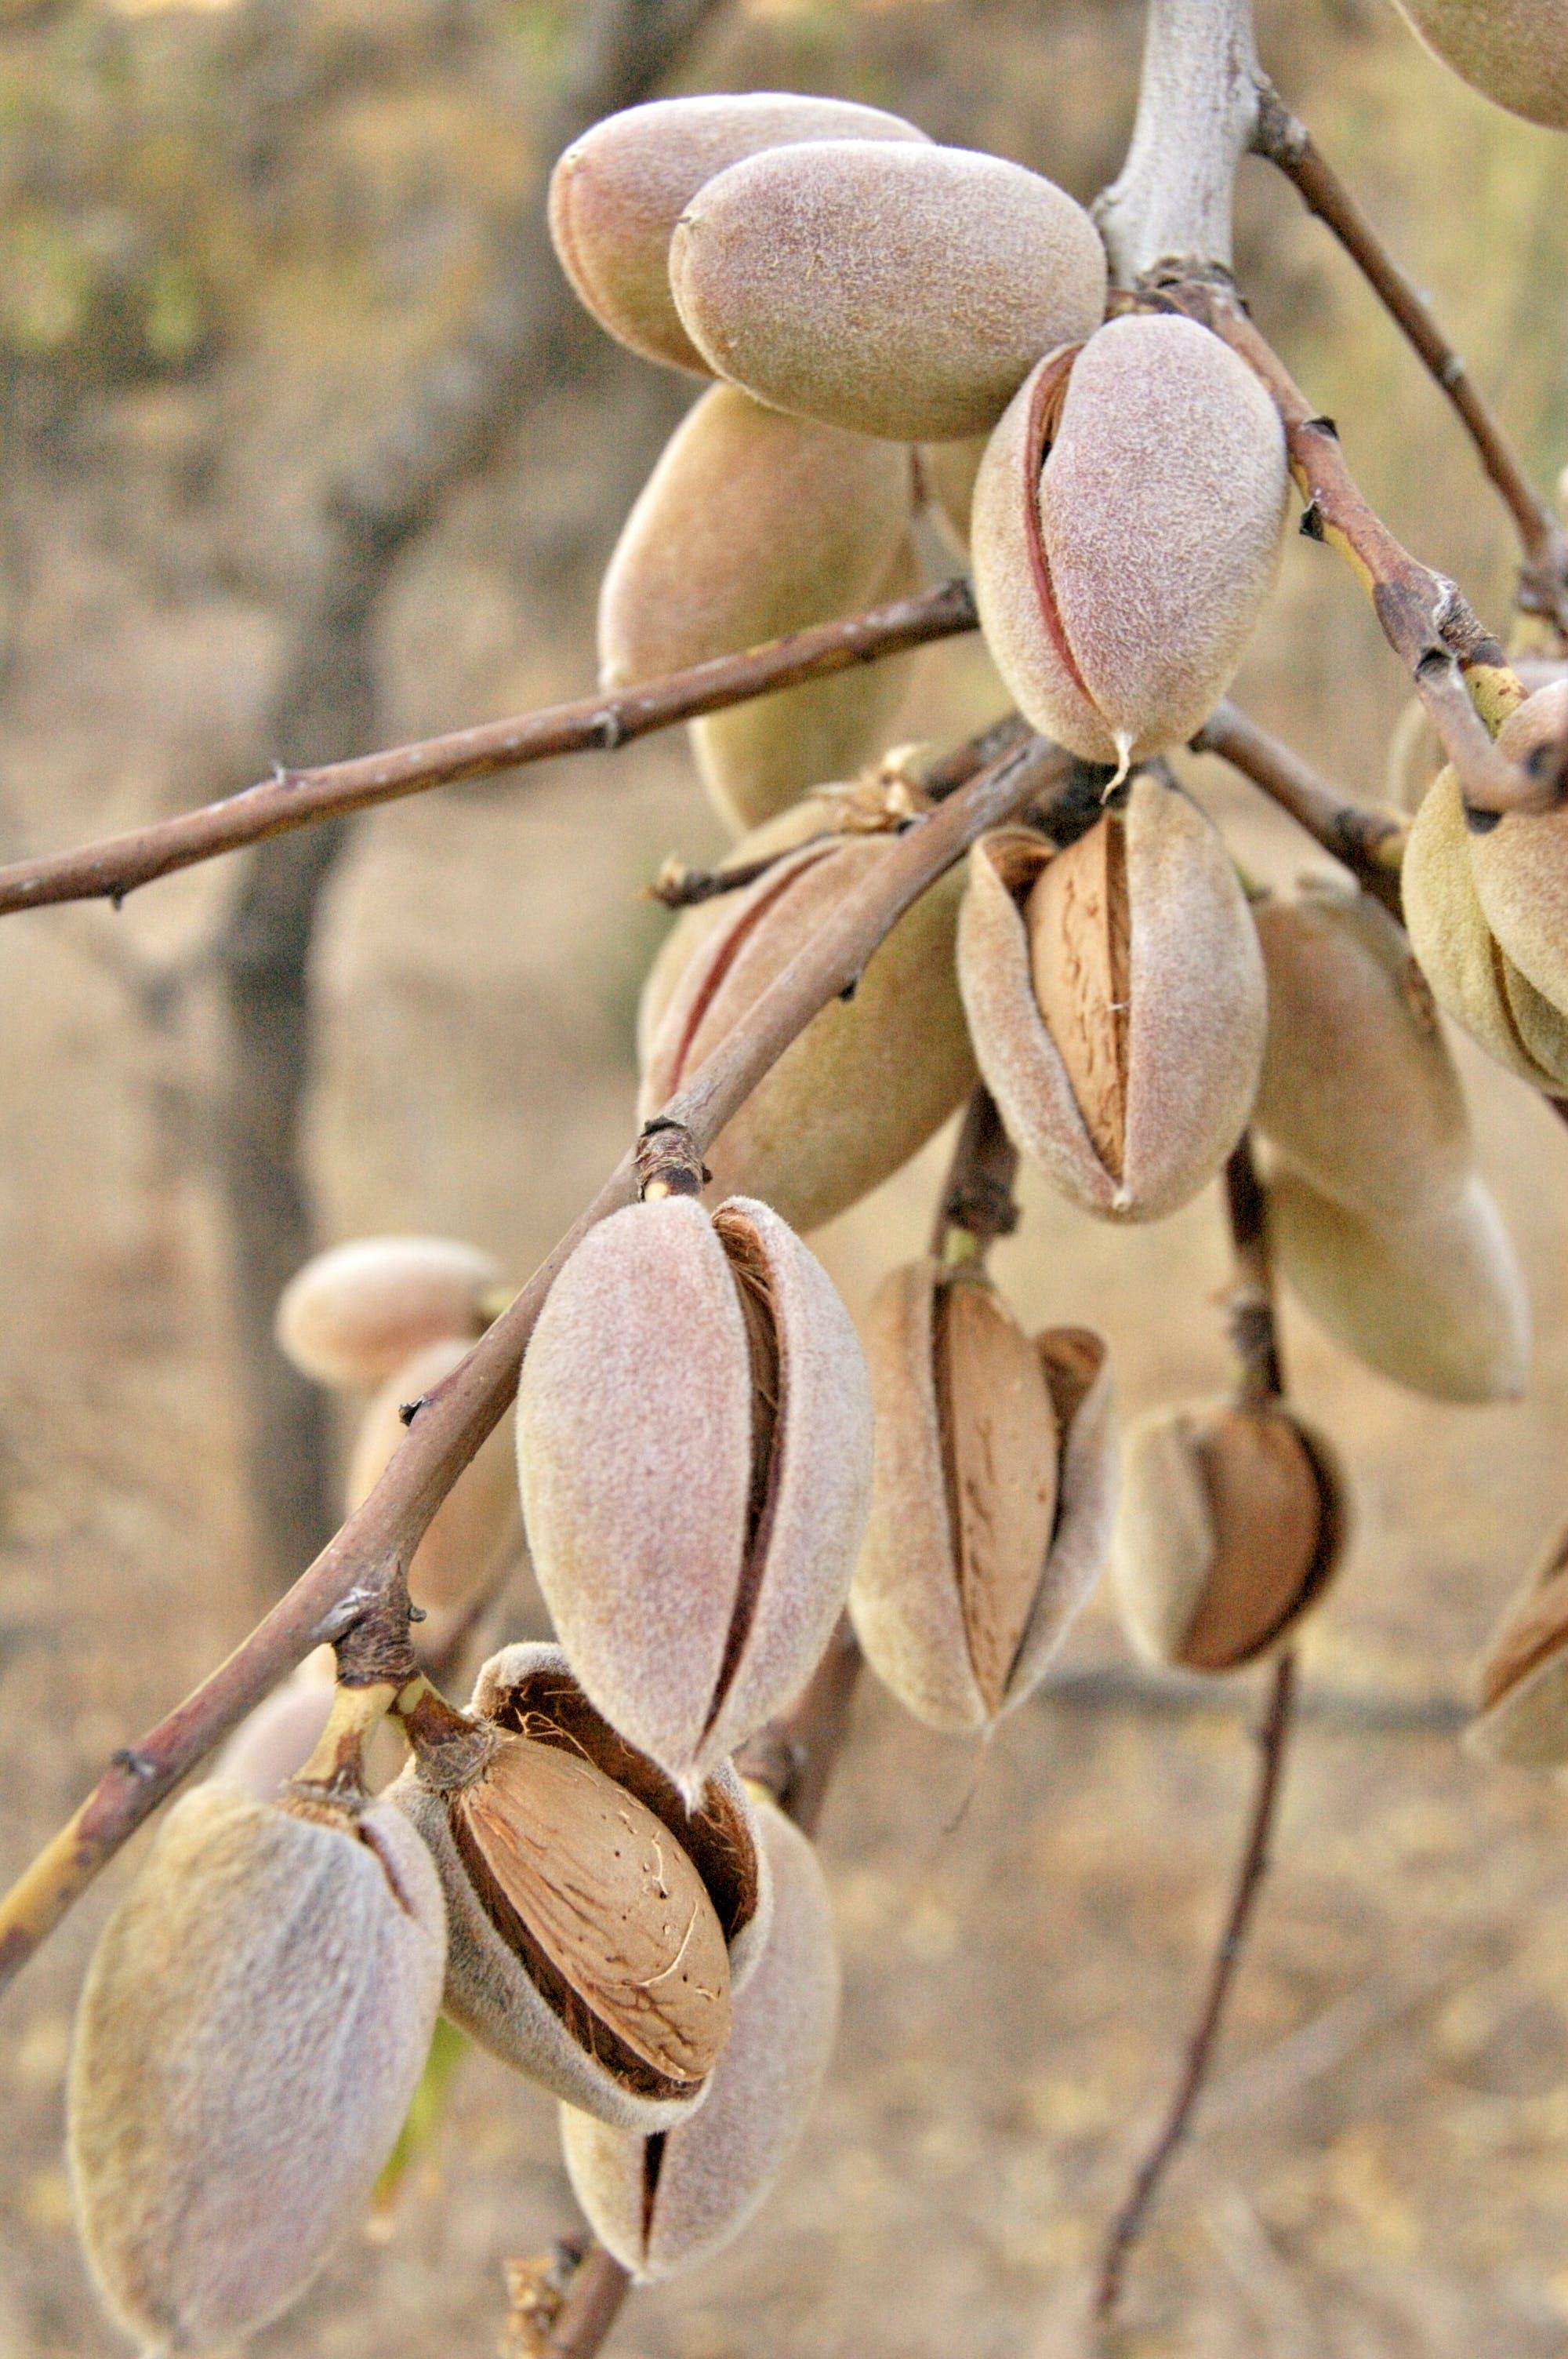 Brown Pistachio Nut Lot